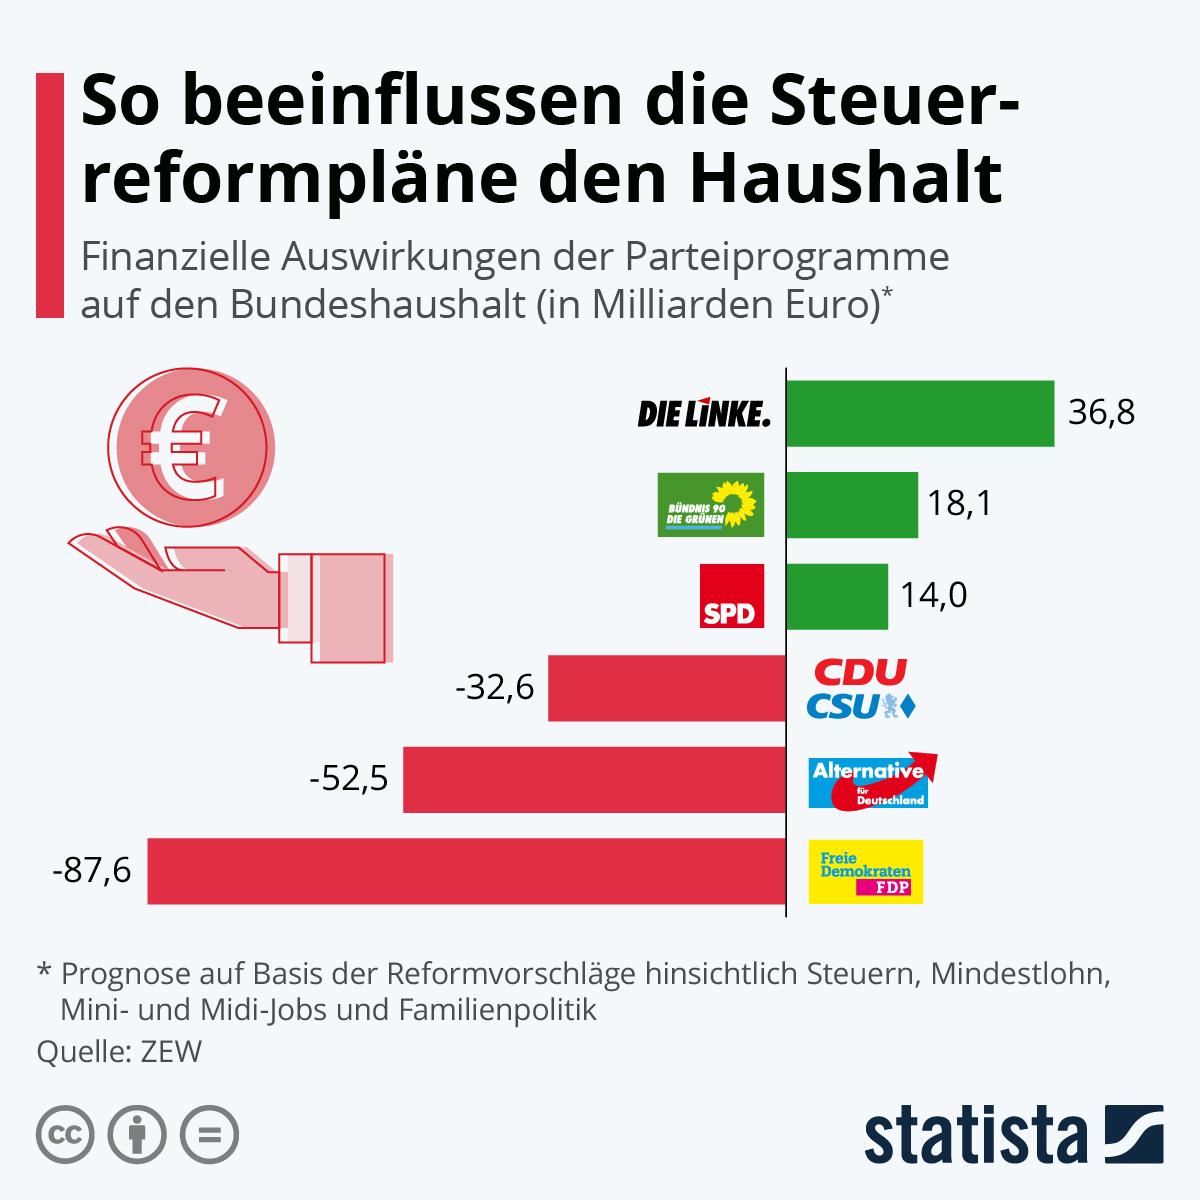 Infografik: So beeinflussen die Steuerreformpläne den Haushalt | Statista